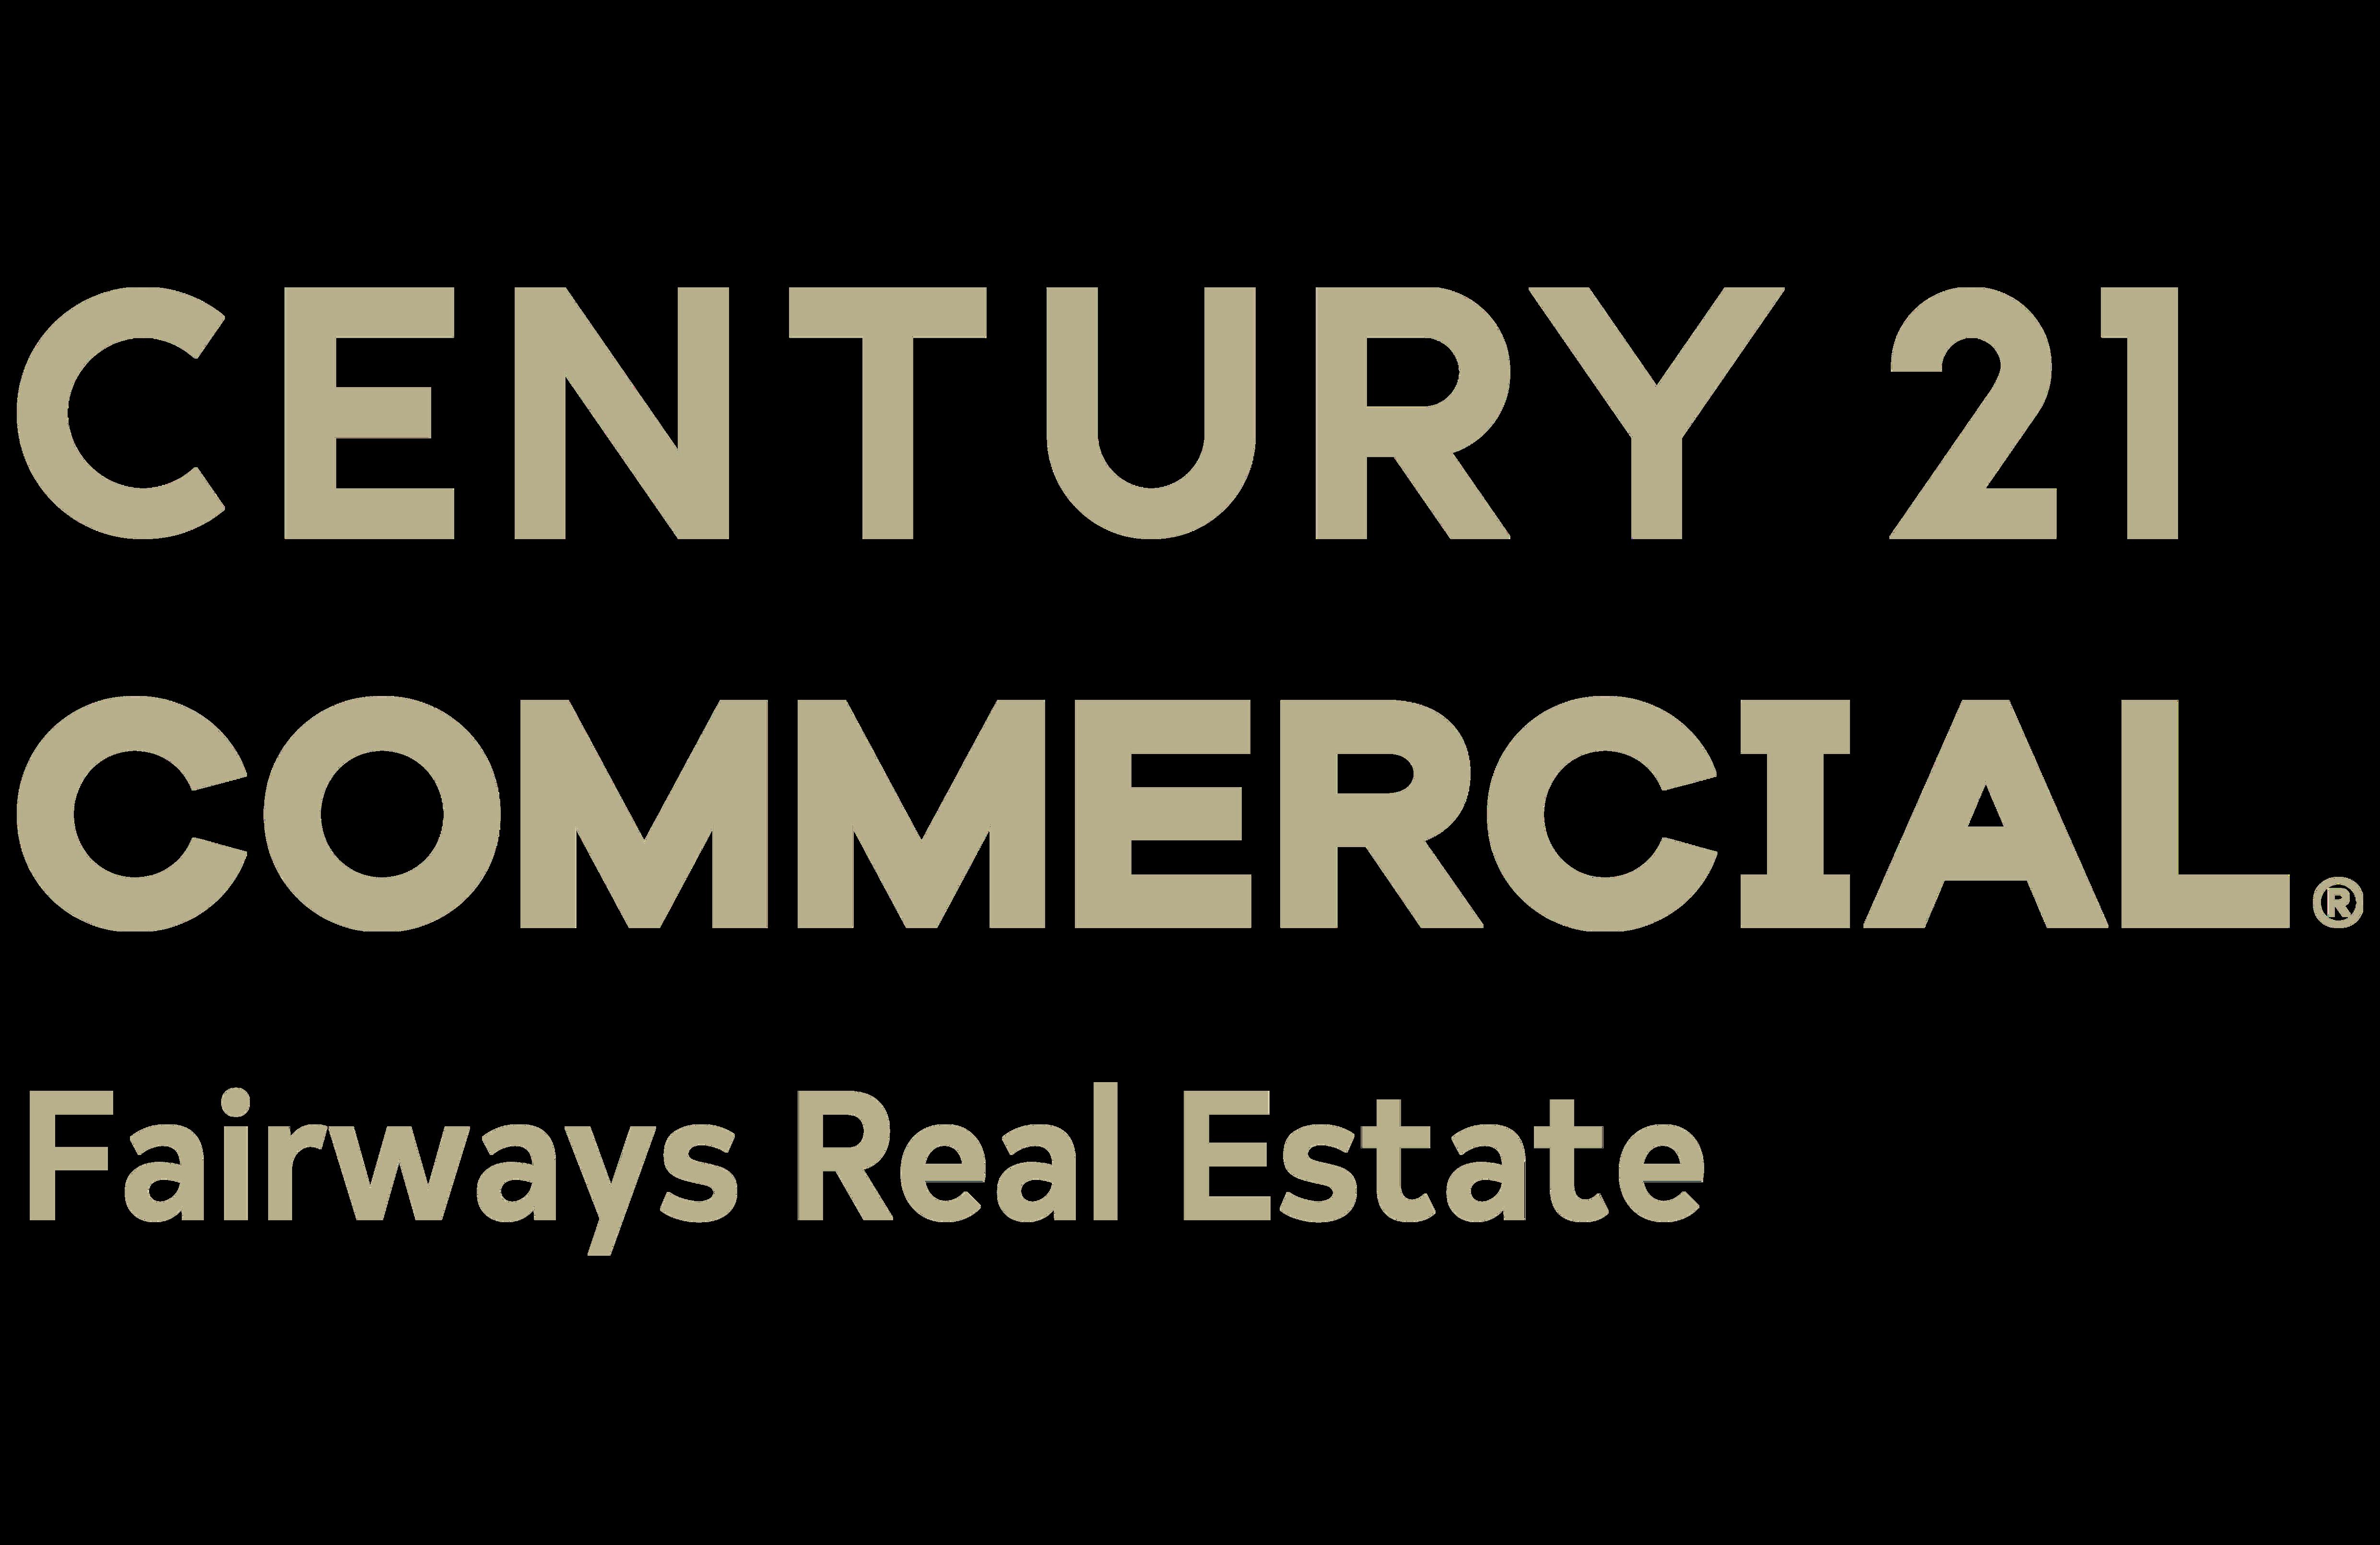 CENTURY 21 Fairways Real Estate